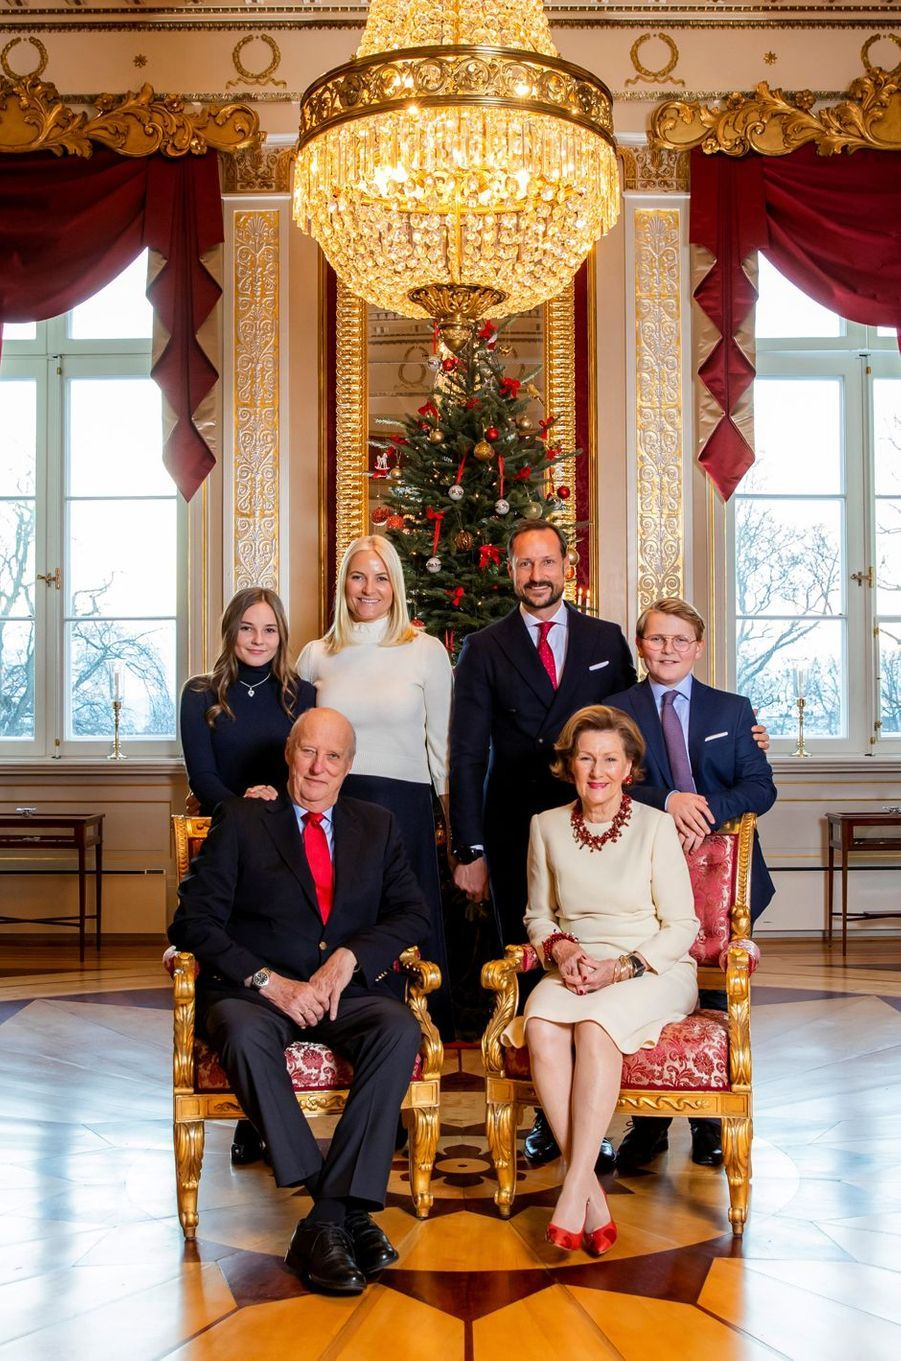 L'un des portraits de la famille royale de Norvège, diffusé le 14 décembre 2018